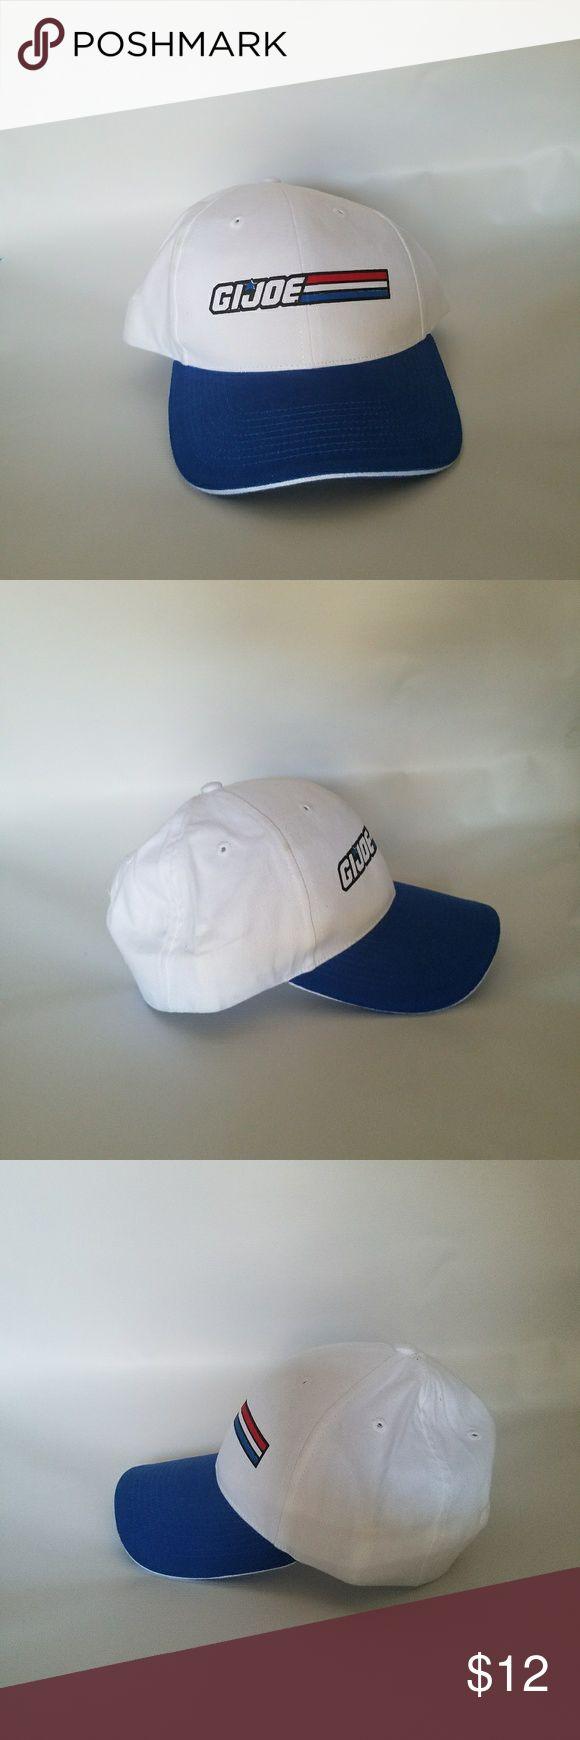 White baseball caps for crafts - Men S Gi Joe Baseball Hat Adjustable Baseball Cap Velcro Closure Former Display Slightly